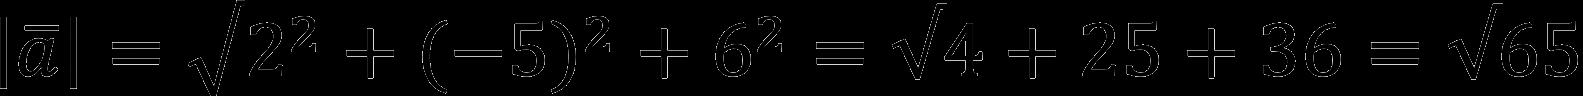 Пример нахождения длины вектора